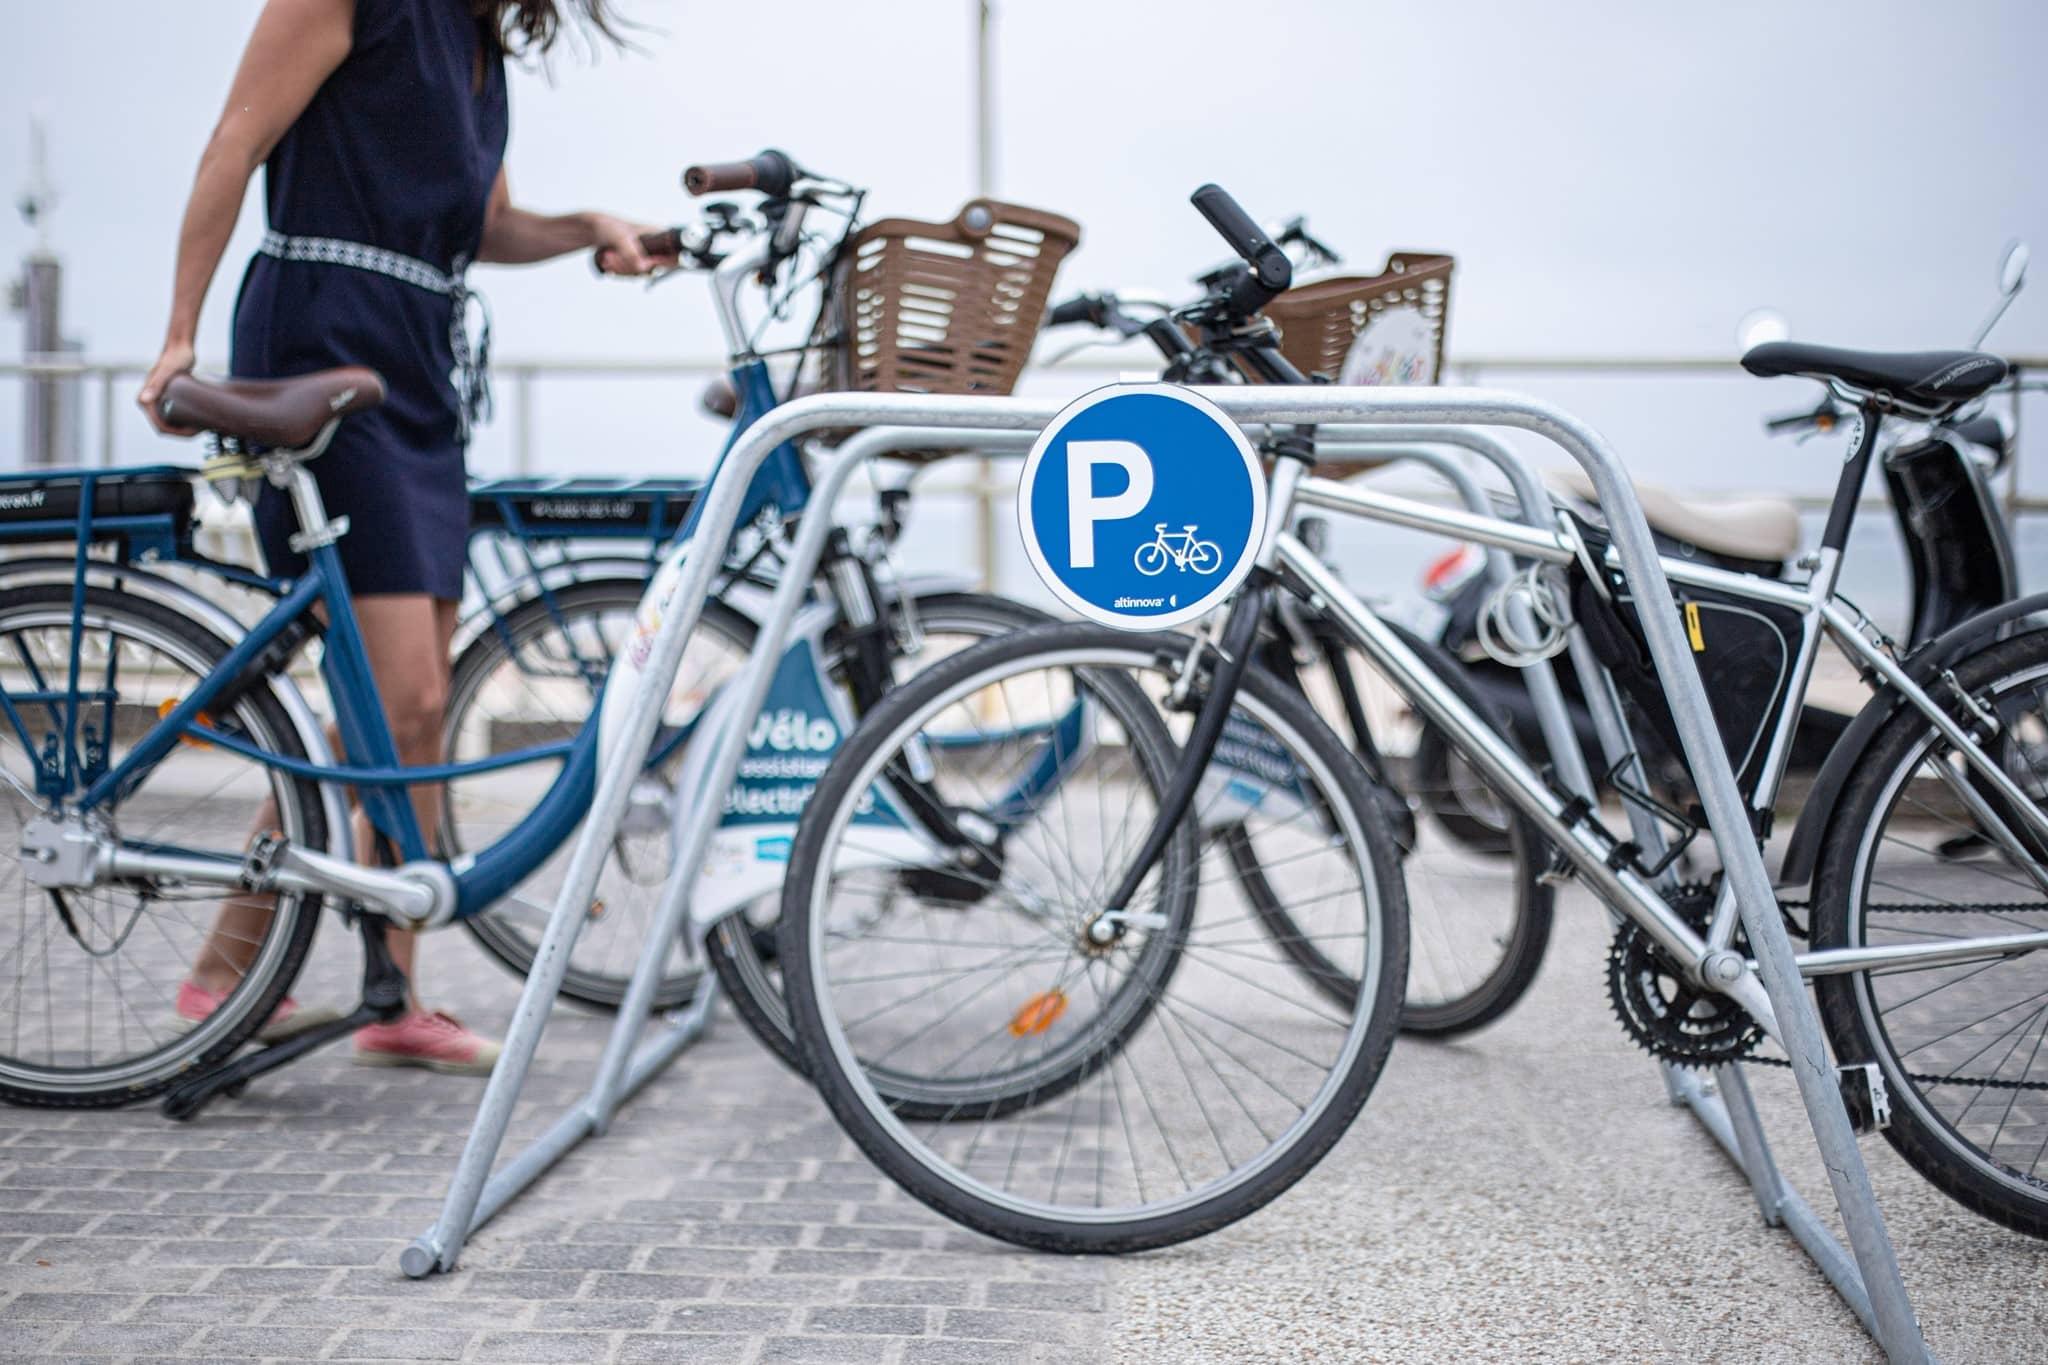 cycliste stationnant son vélo sur un rack ALTAO Mobile à Pornichet